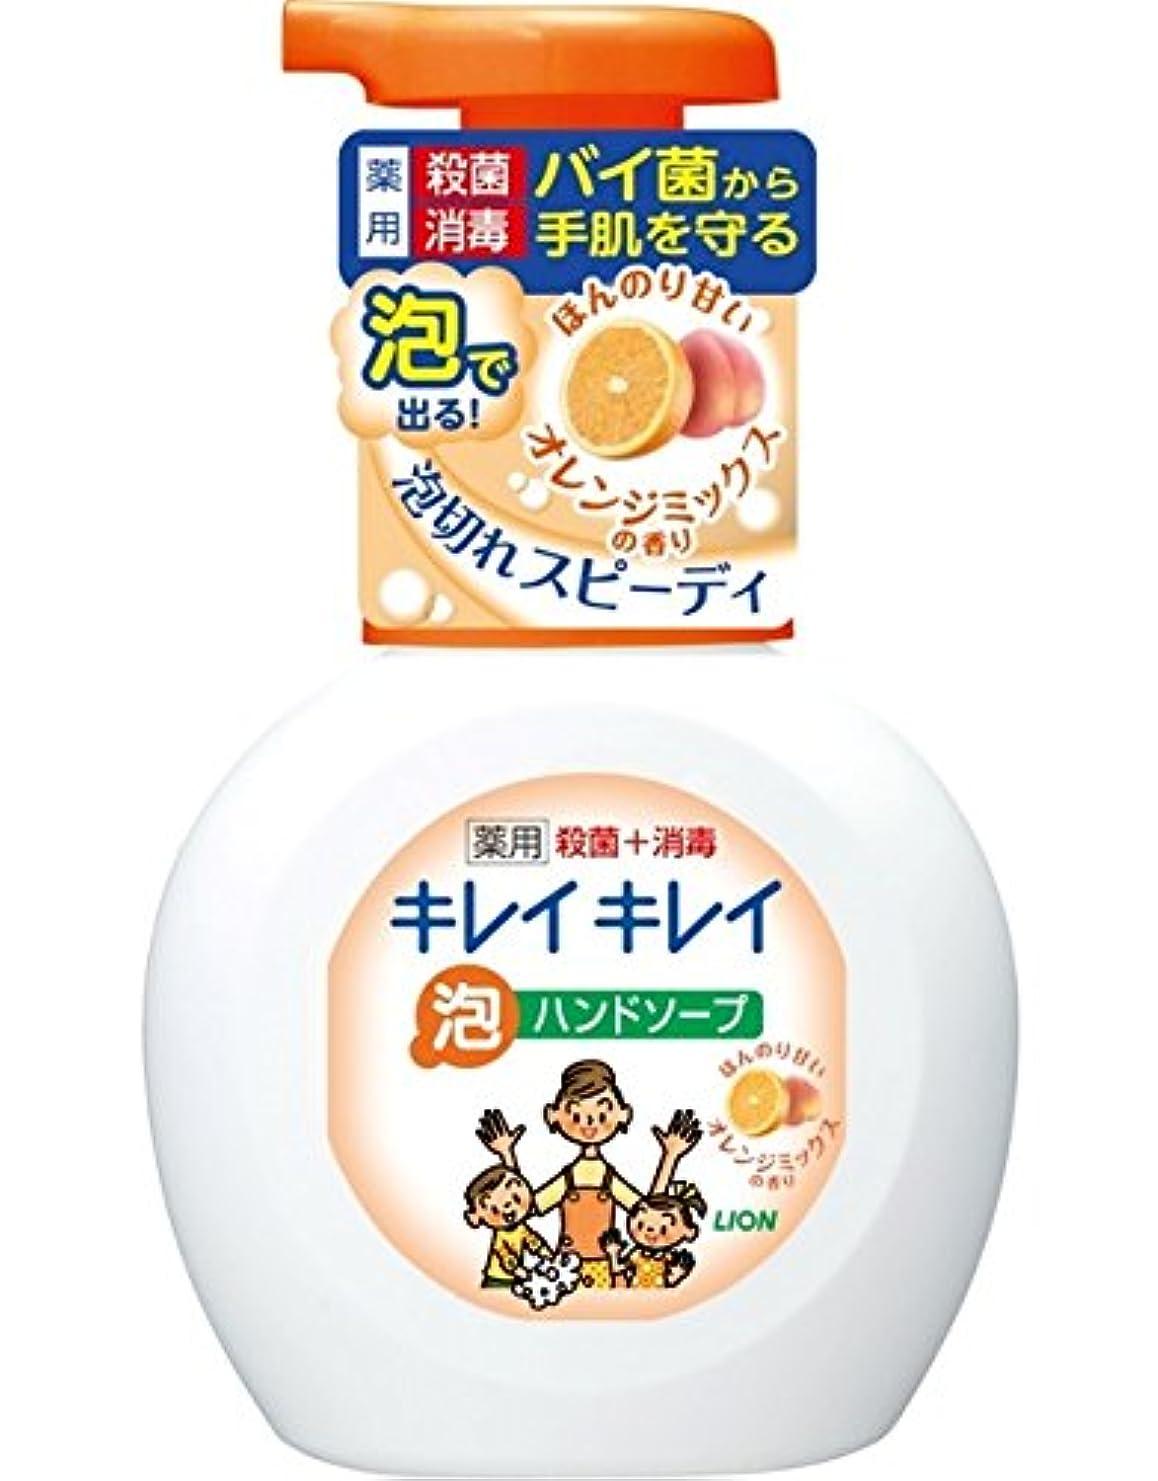 岸忘れっぽいノイズキレイキレイ薬用泡ハンドソープオレンジミックスの香りポンプ250mL